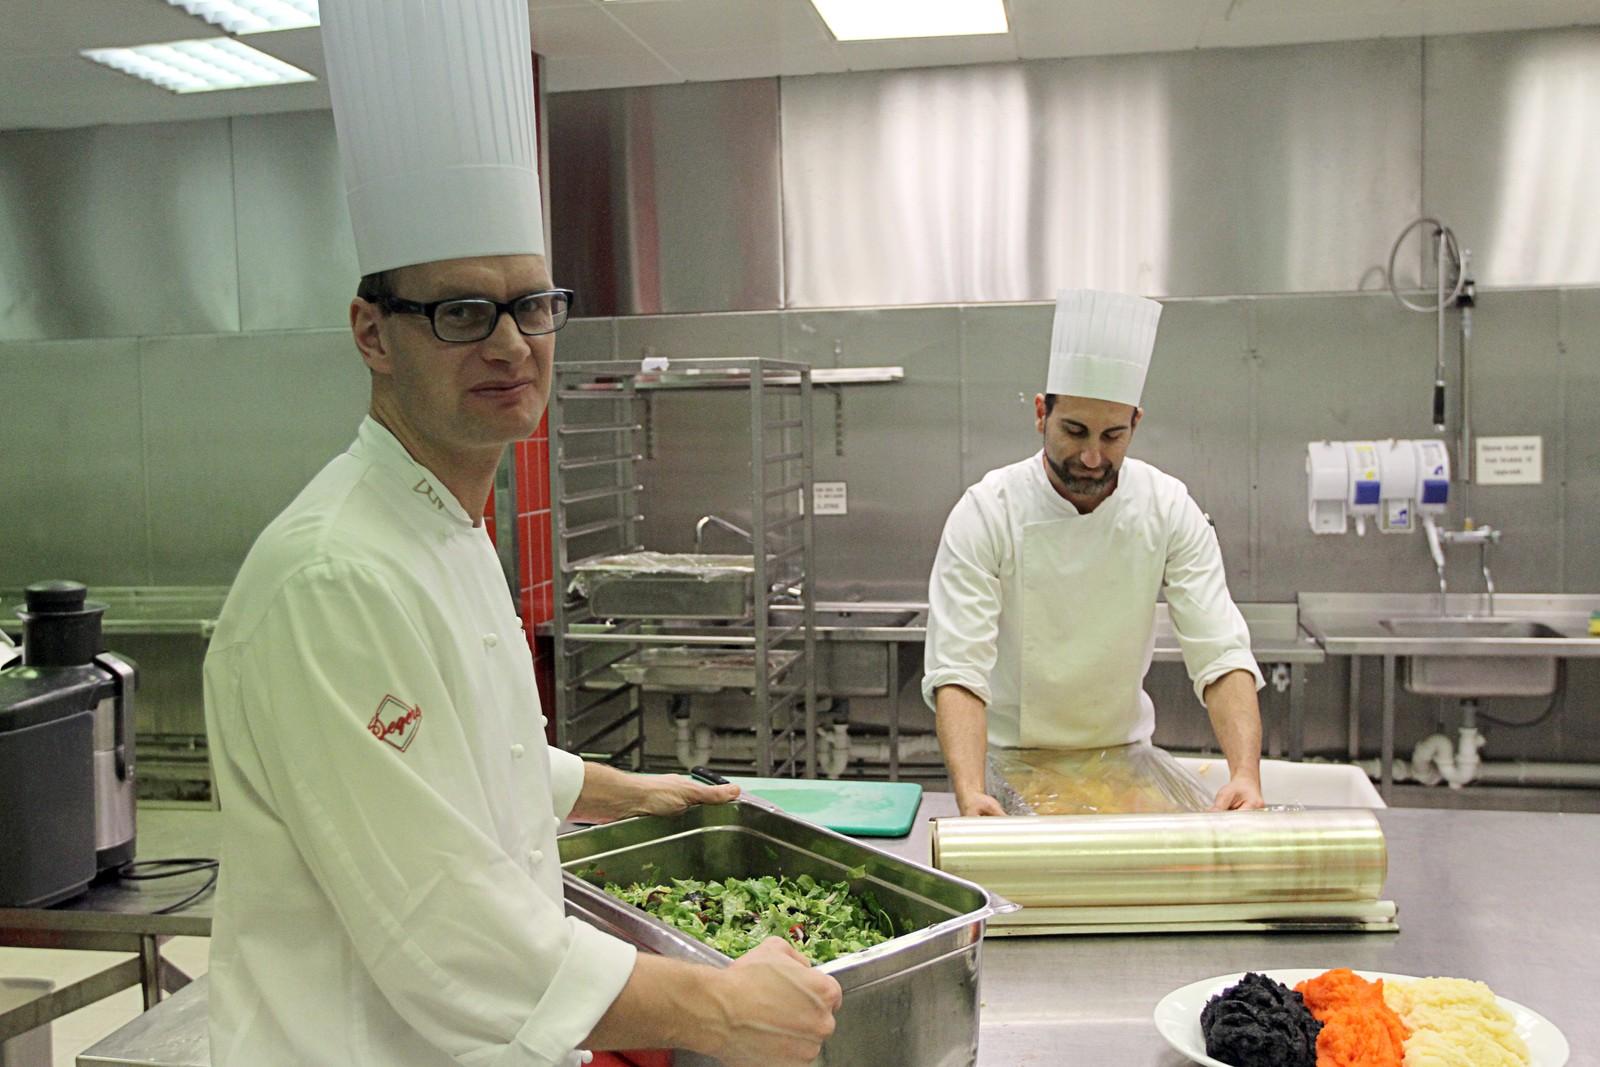 Kjøkkensjef Jørn Odden forteller at årets meny er den mest utfordrende så langt.